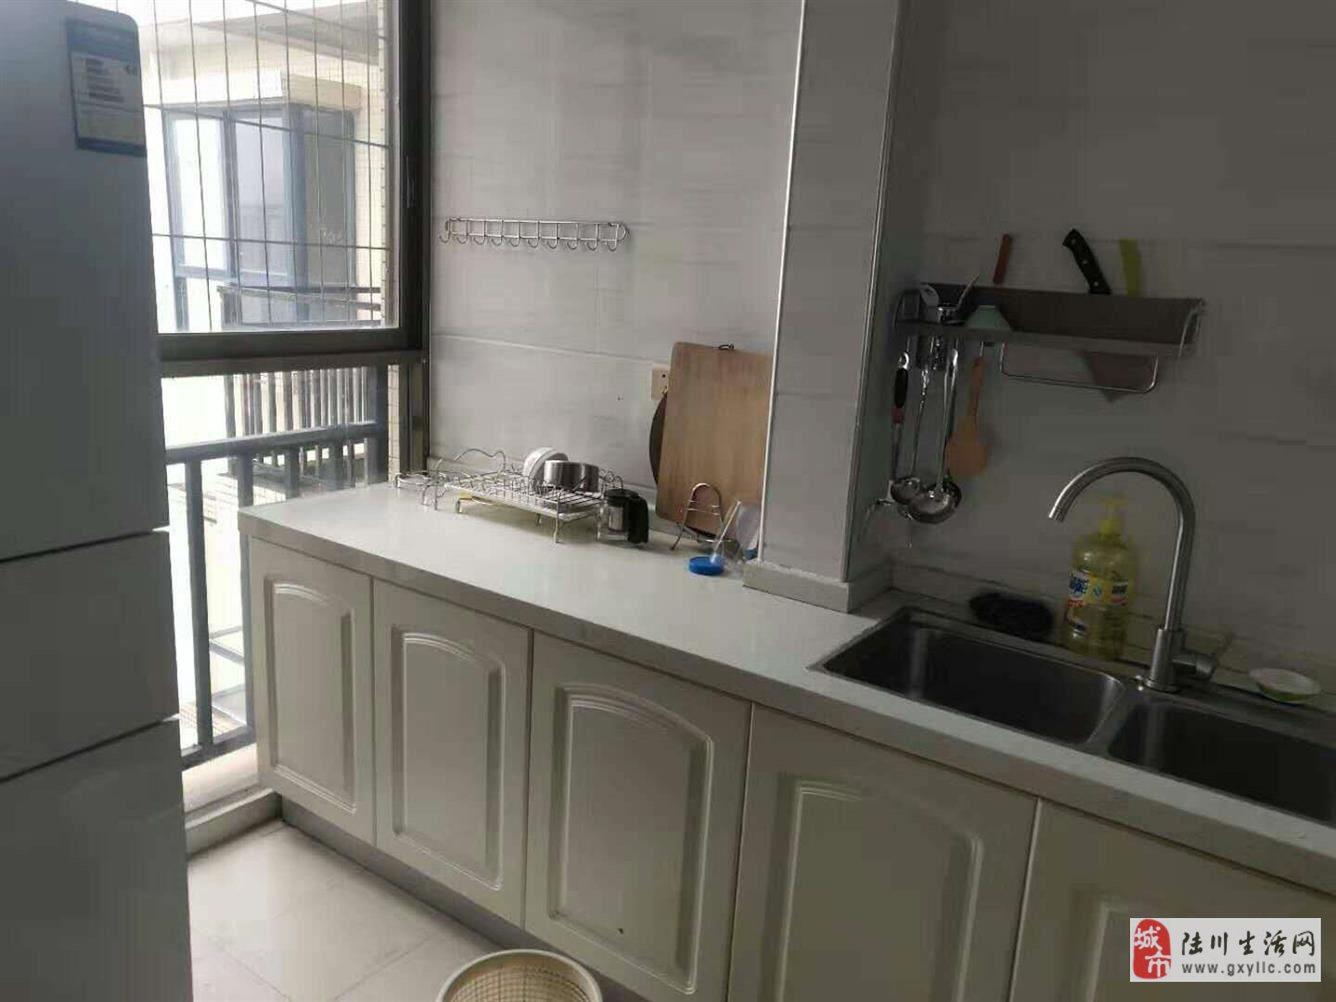 陆川城市春天3室2厅2卫42万元抄底价出售带装修